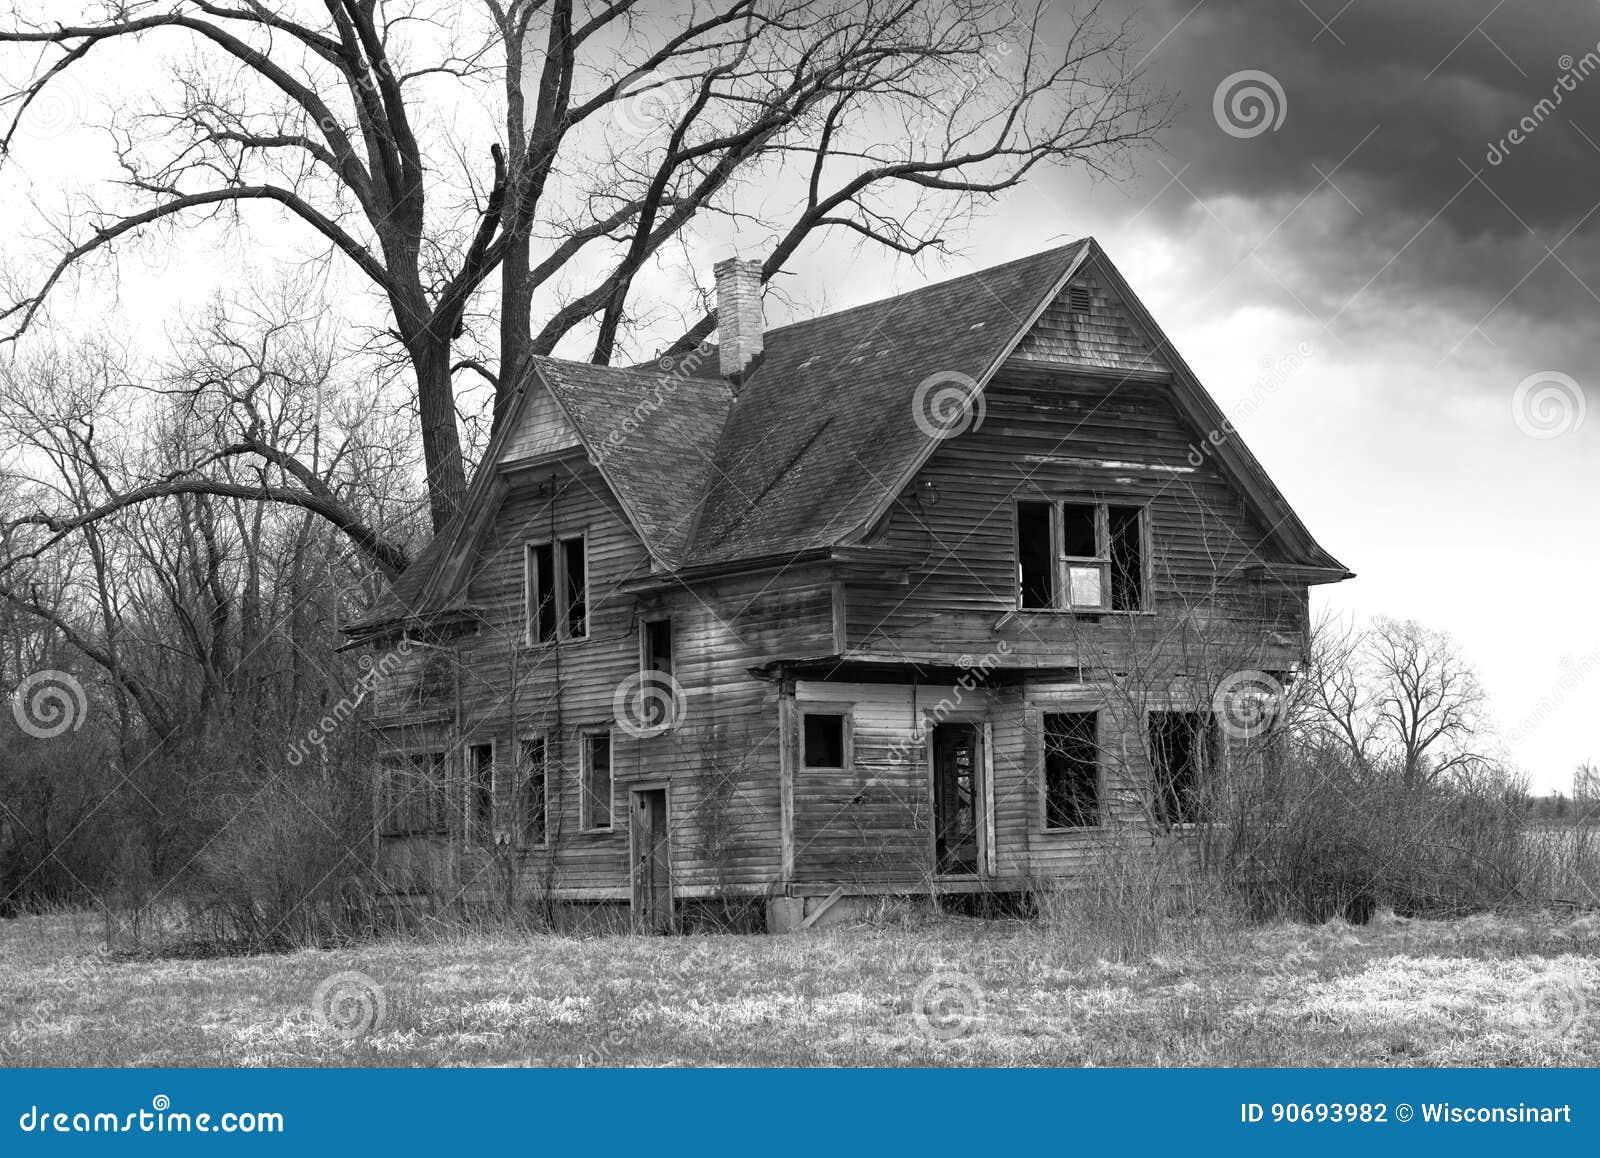 Old Farmhouse, Haunted House, Desolate